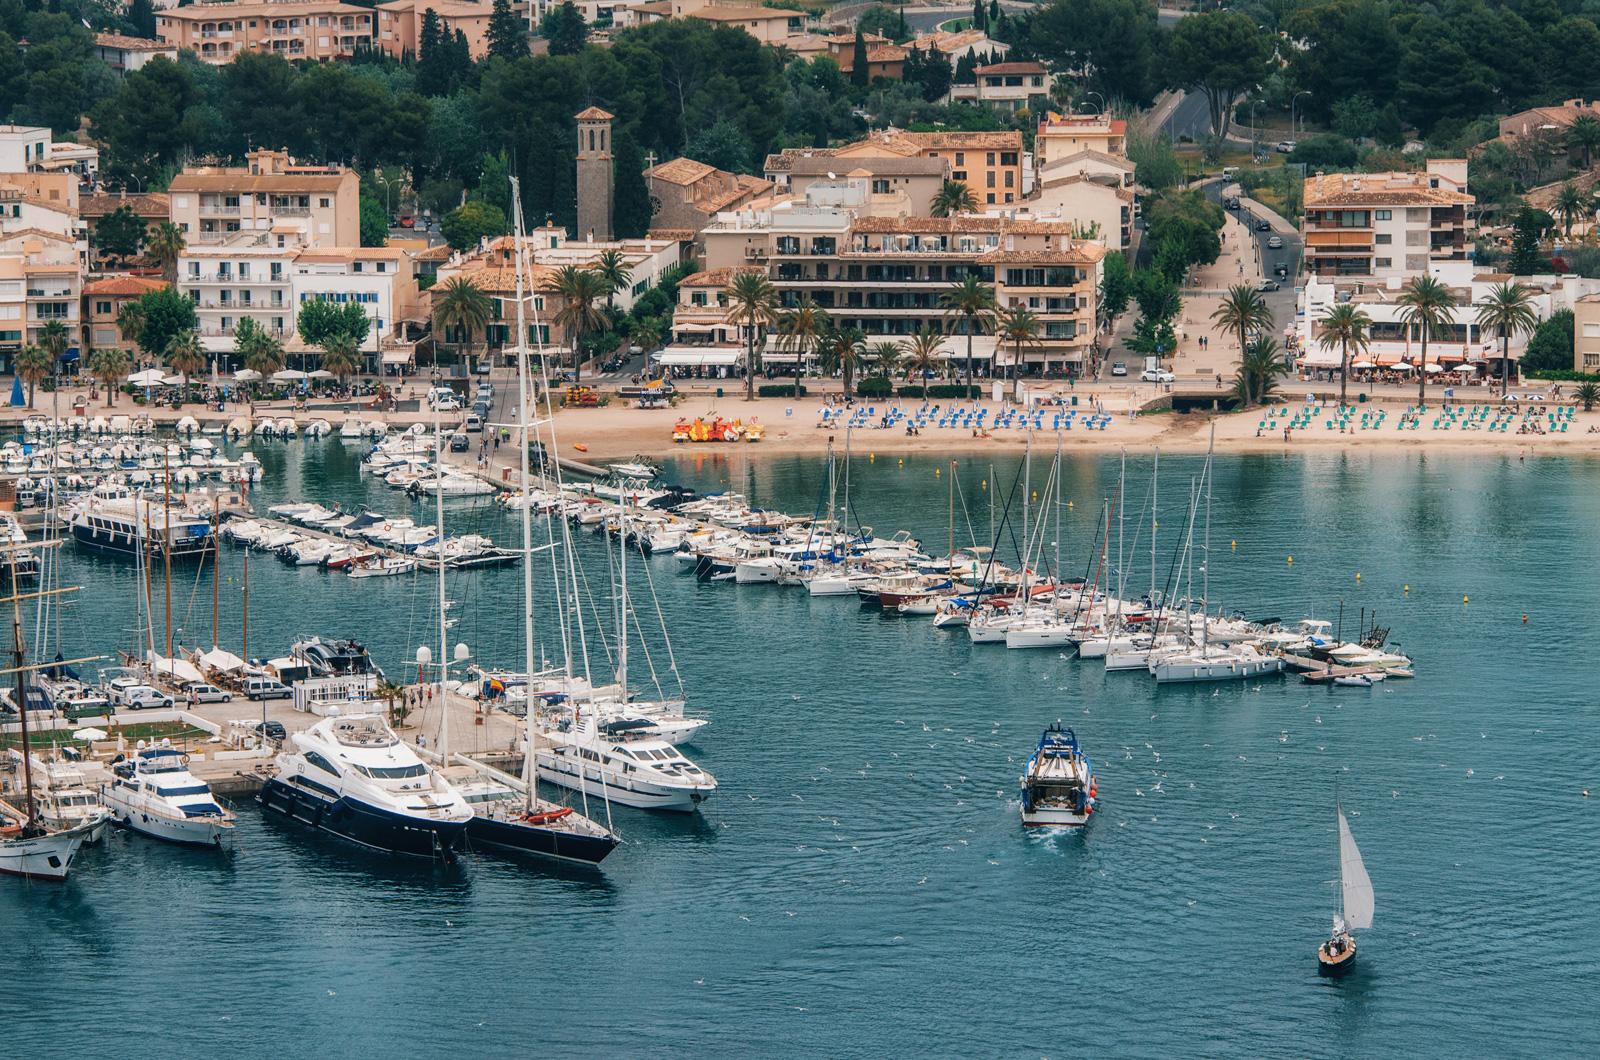 Пристань Порт-де-Сольера